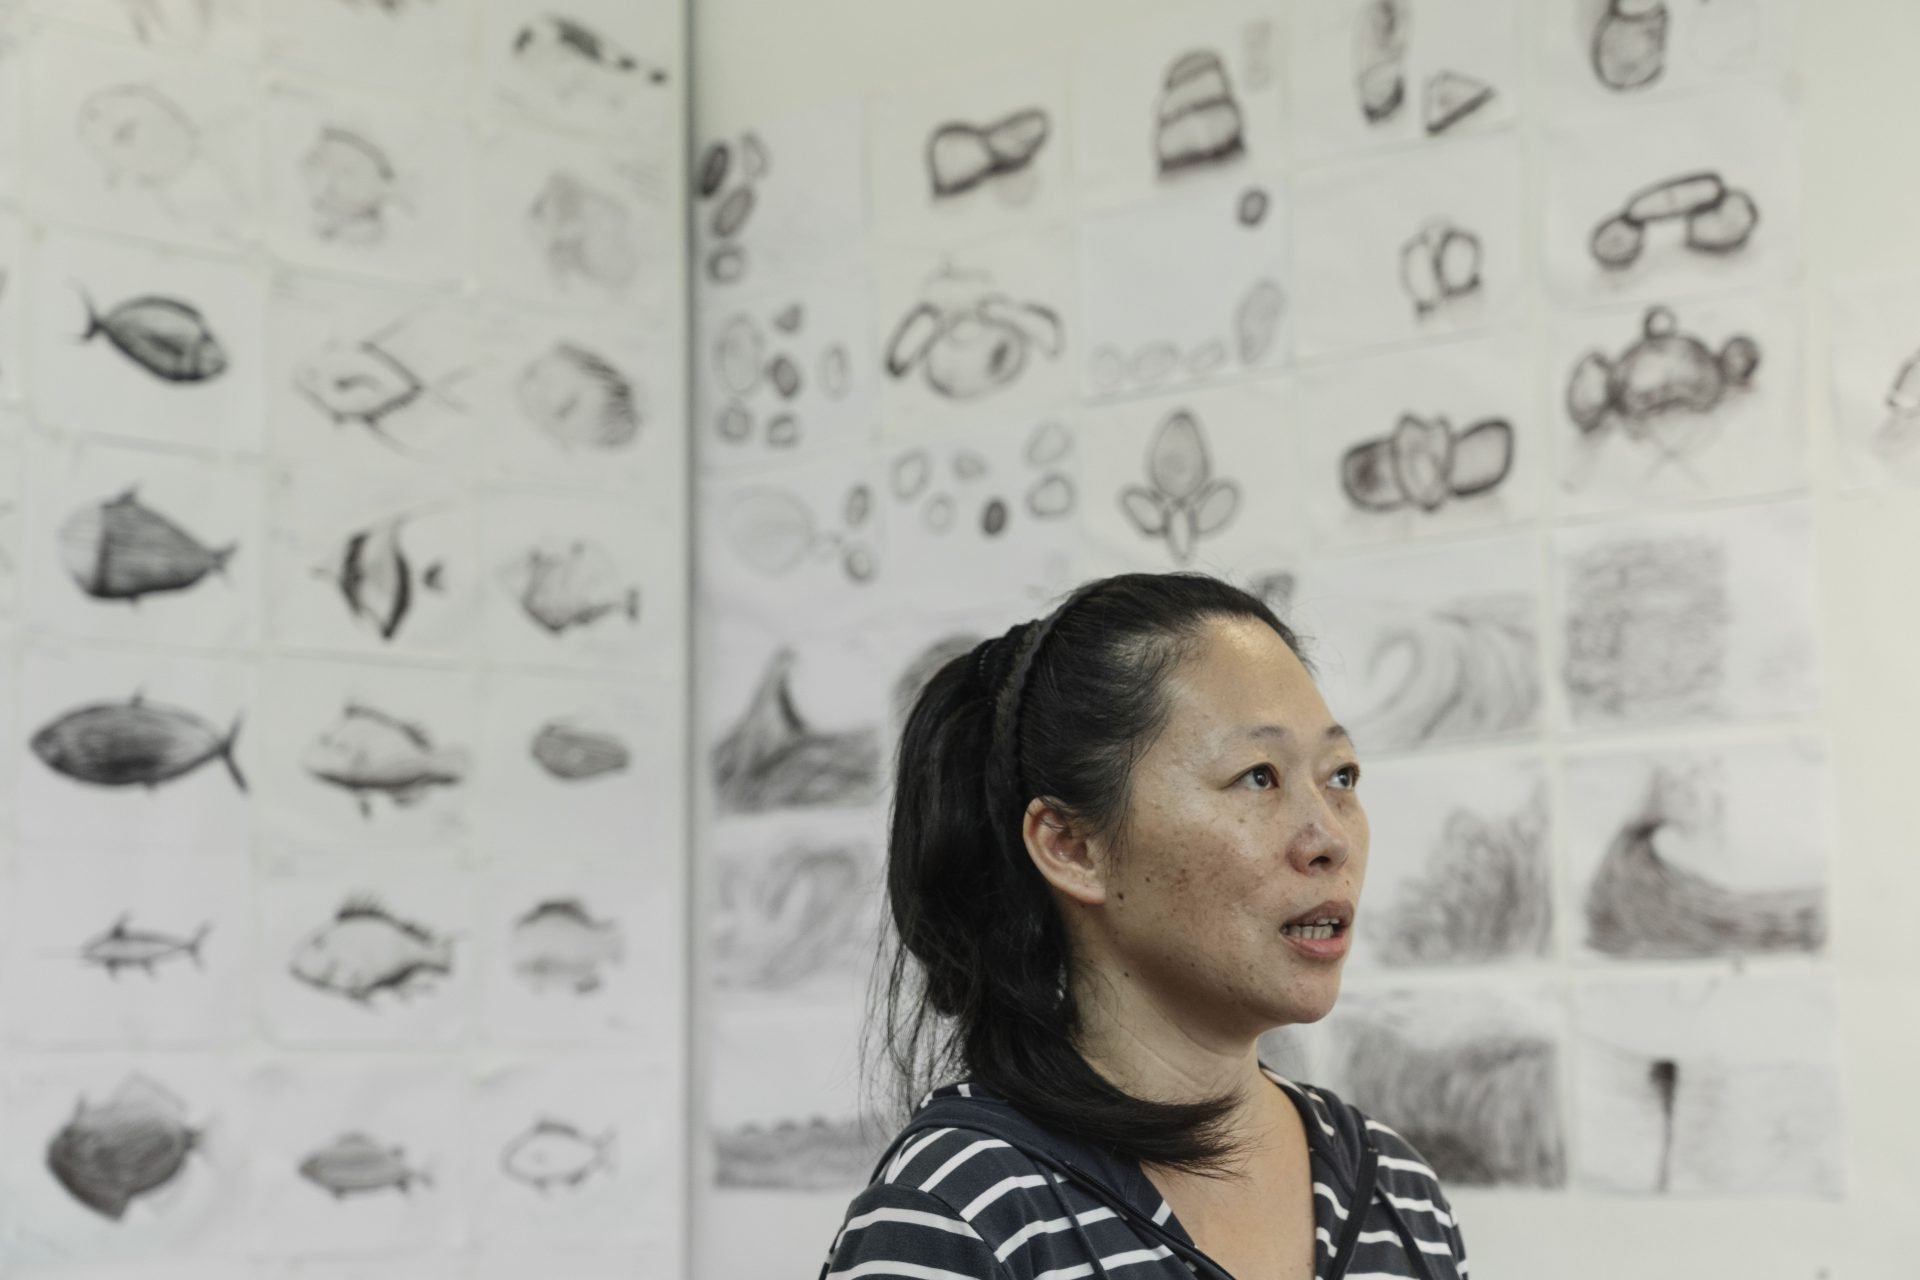 創作、技藝、文化教育  三面一體的部落藝文實驗室:王力之與Cepo'藝術中心